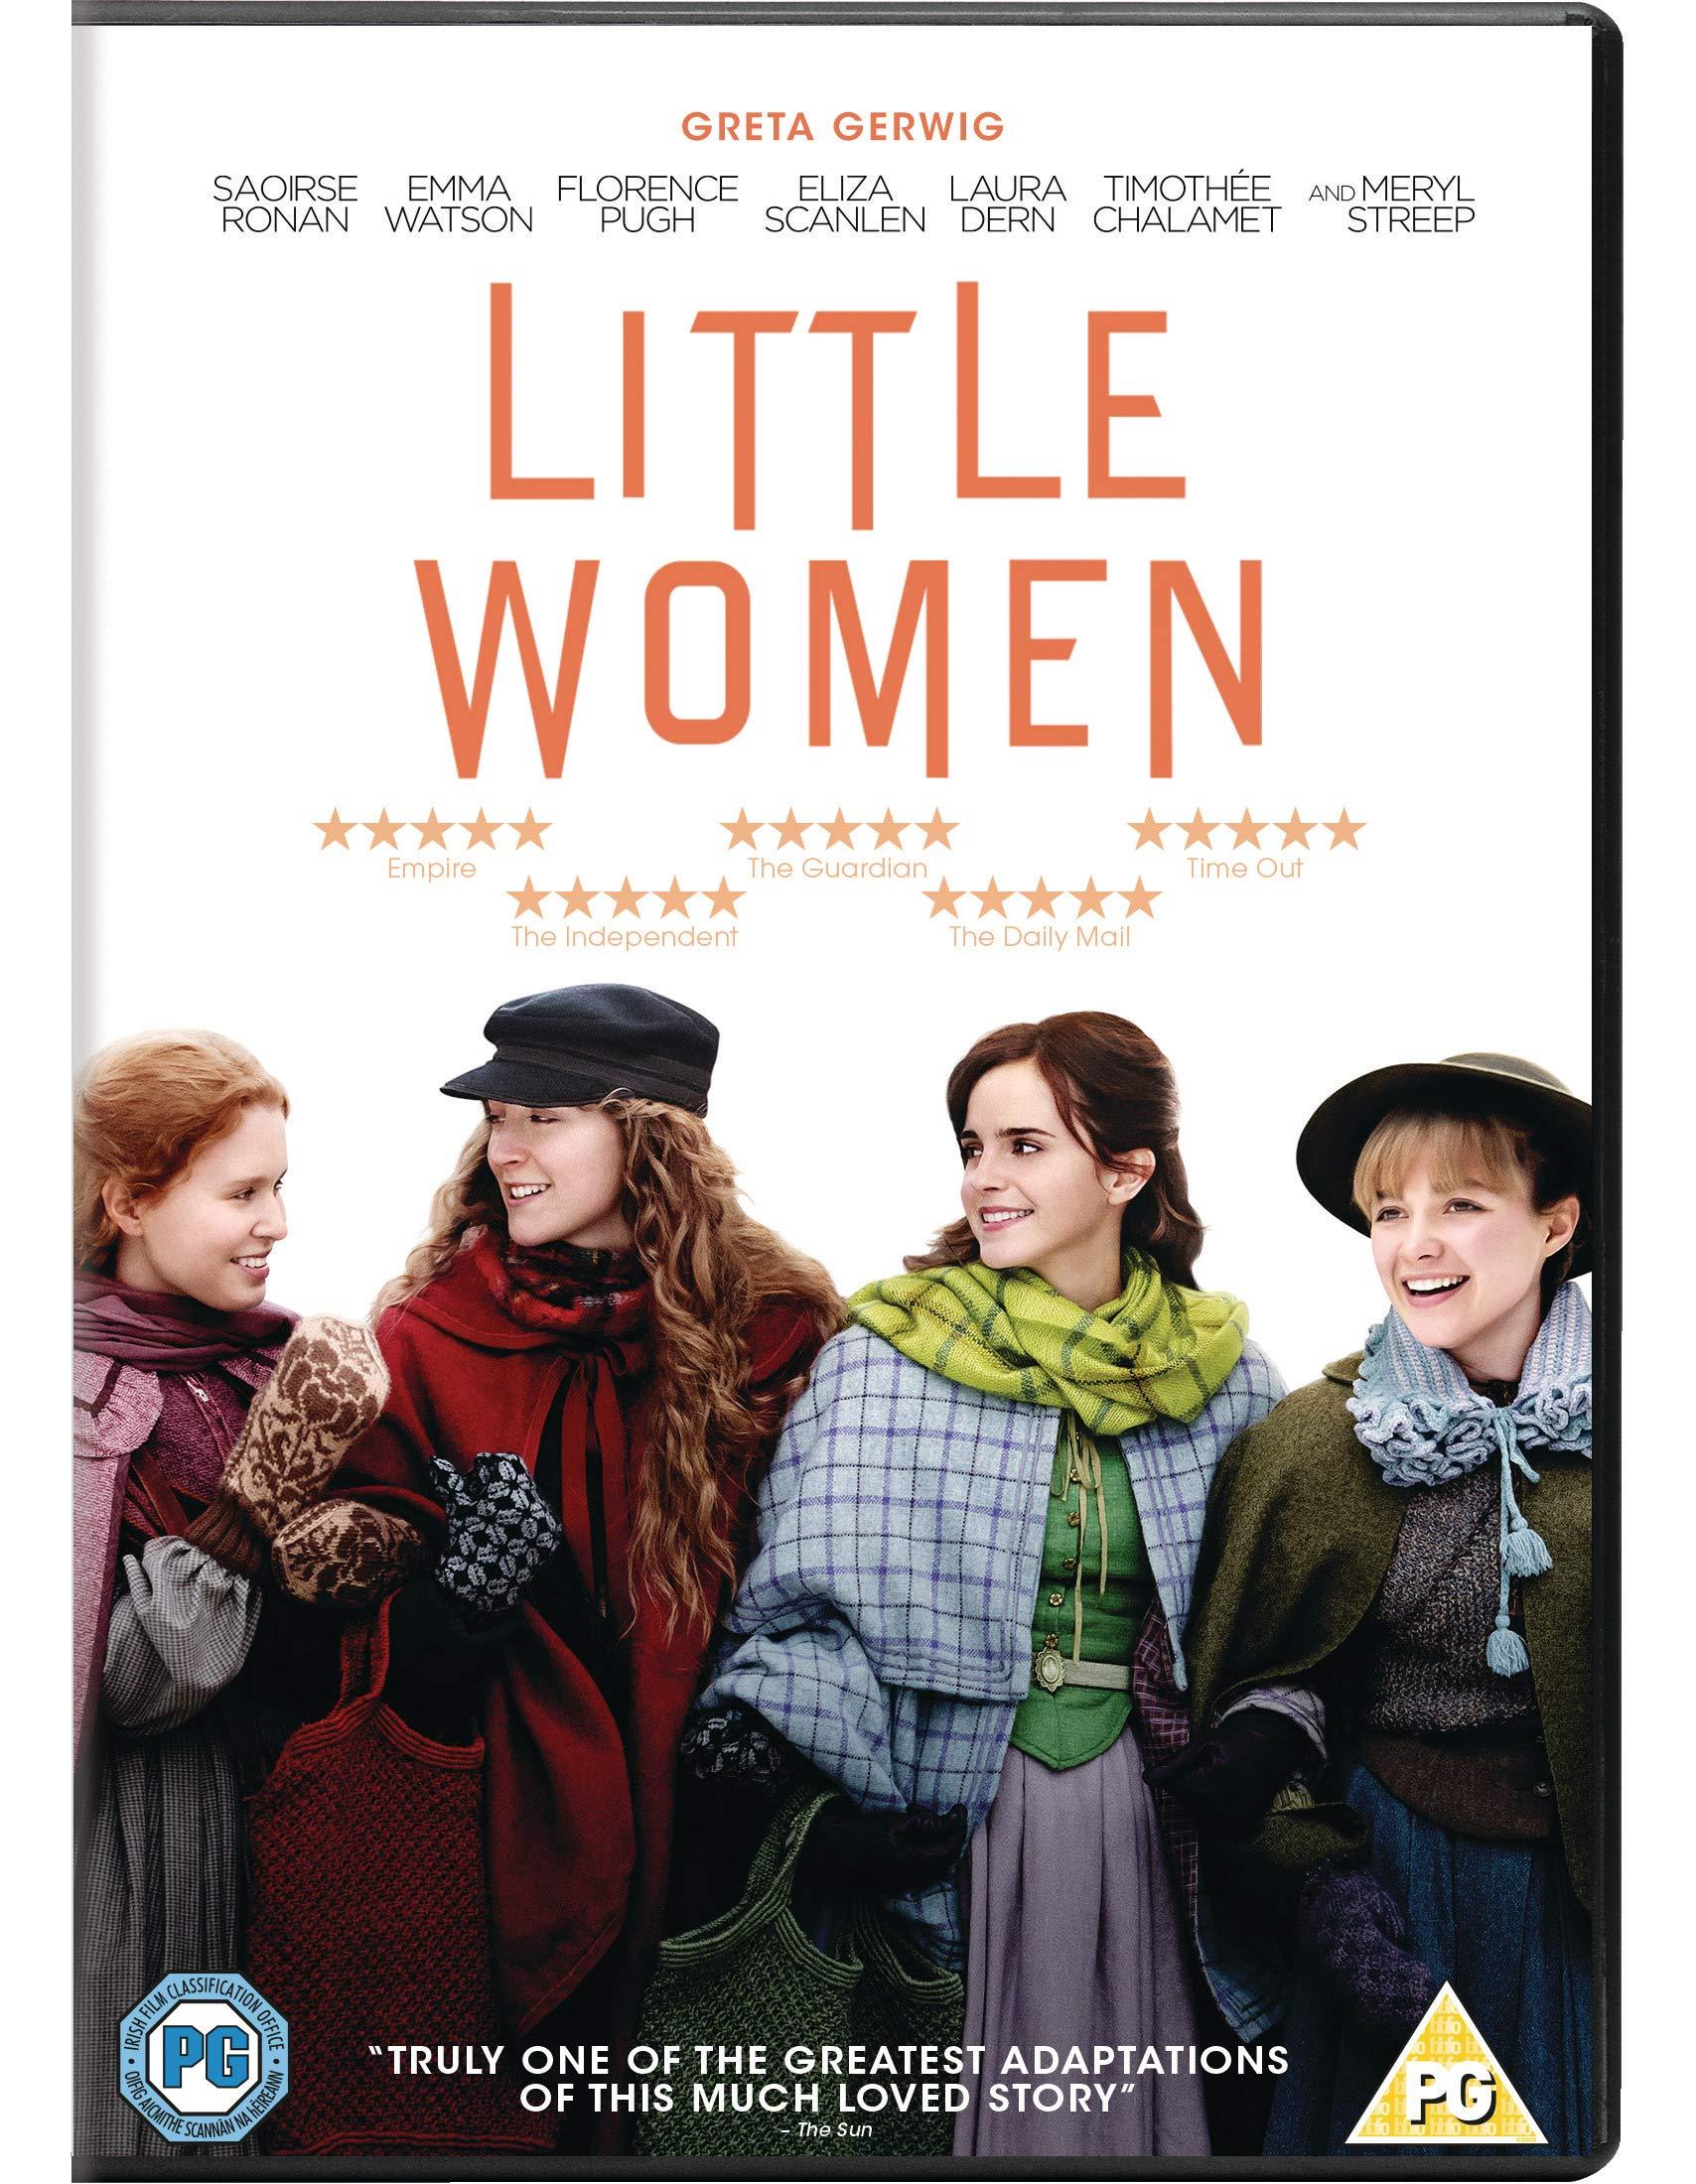 Film: Little Women